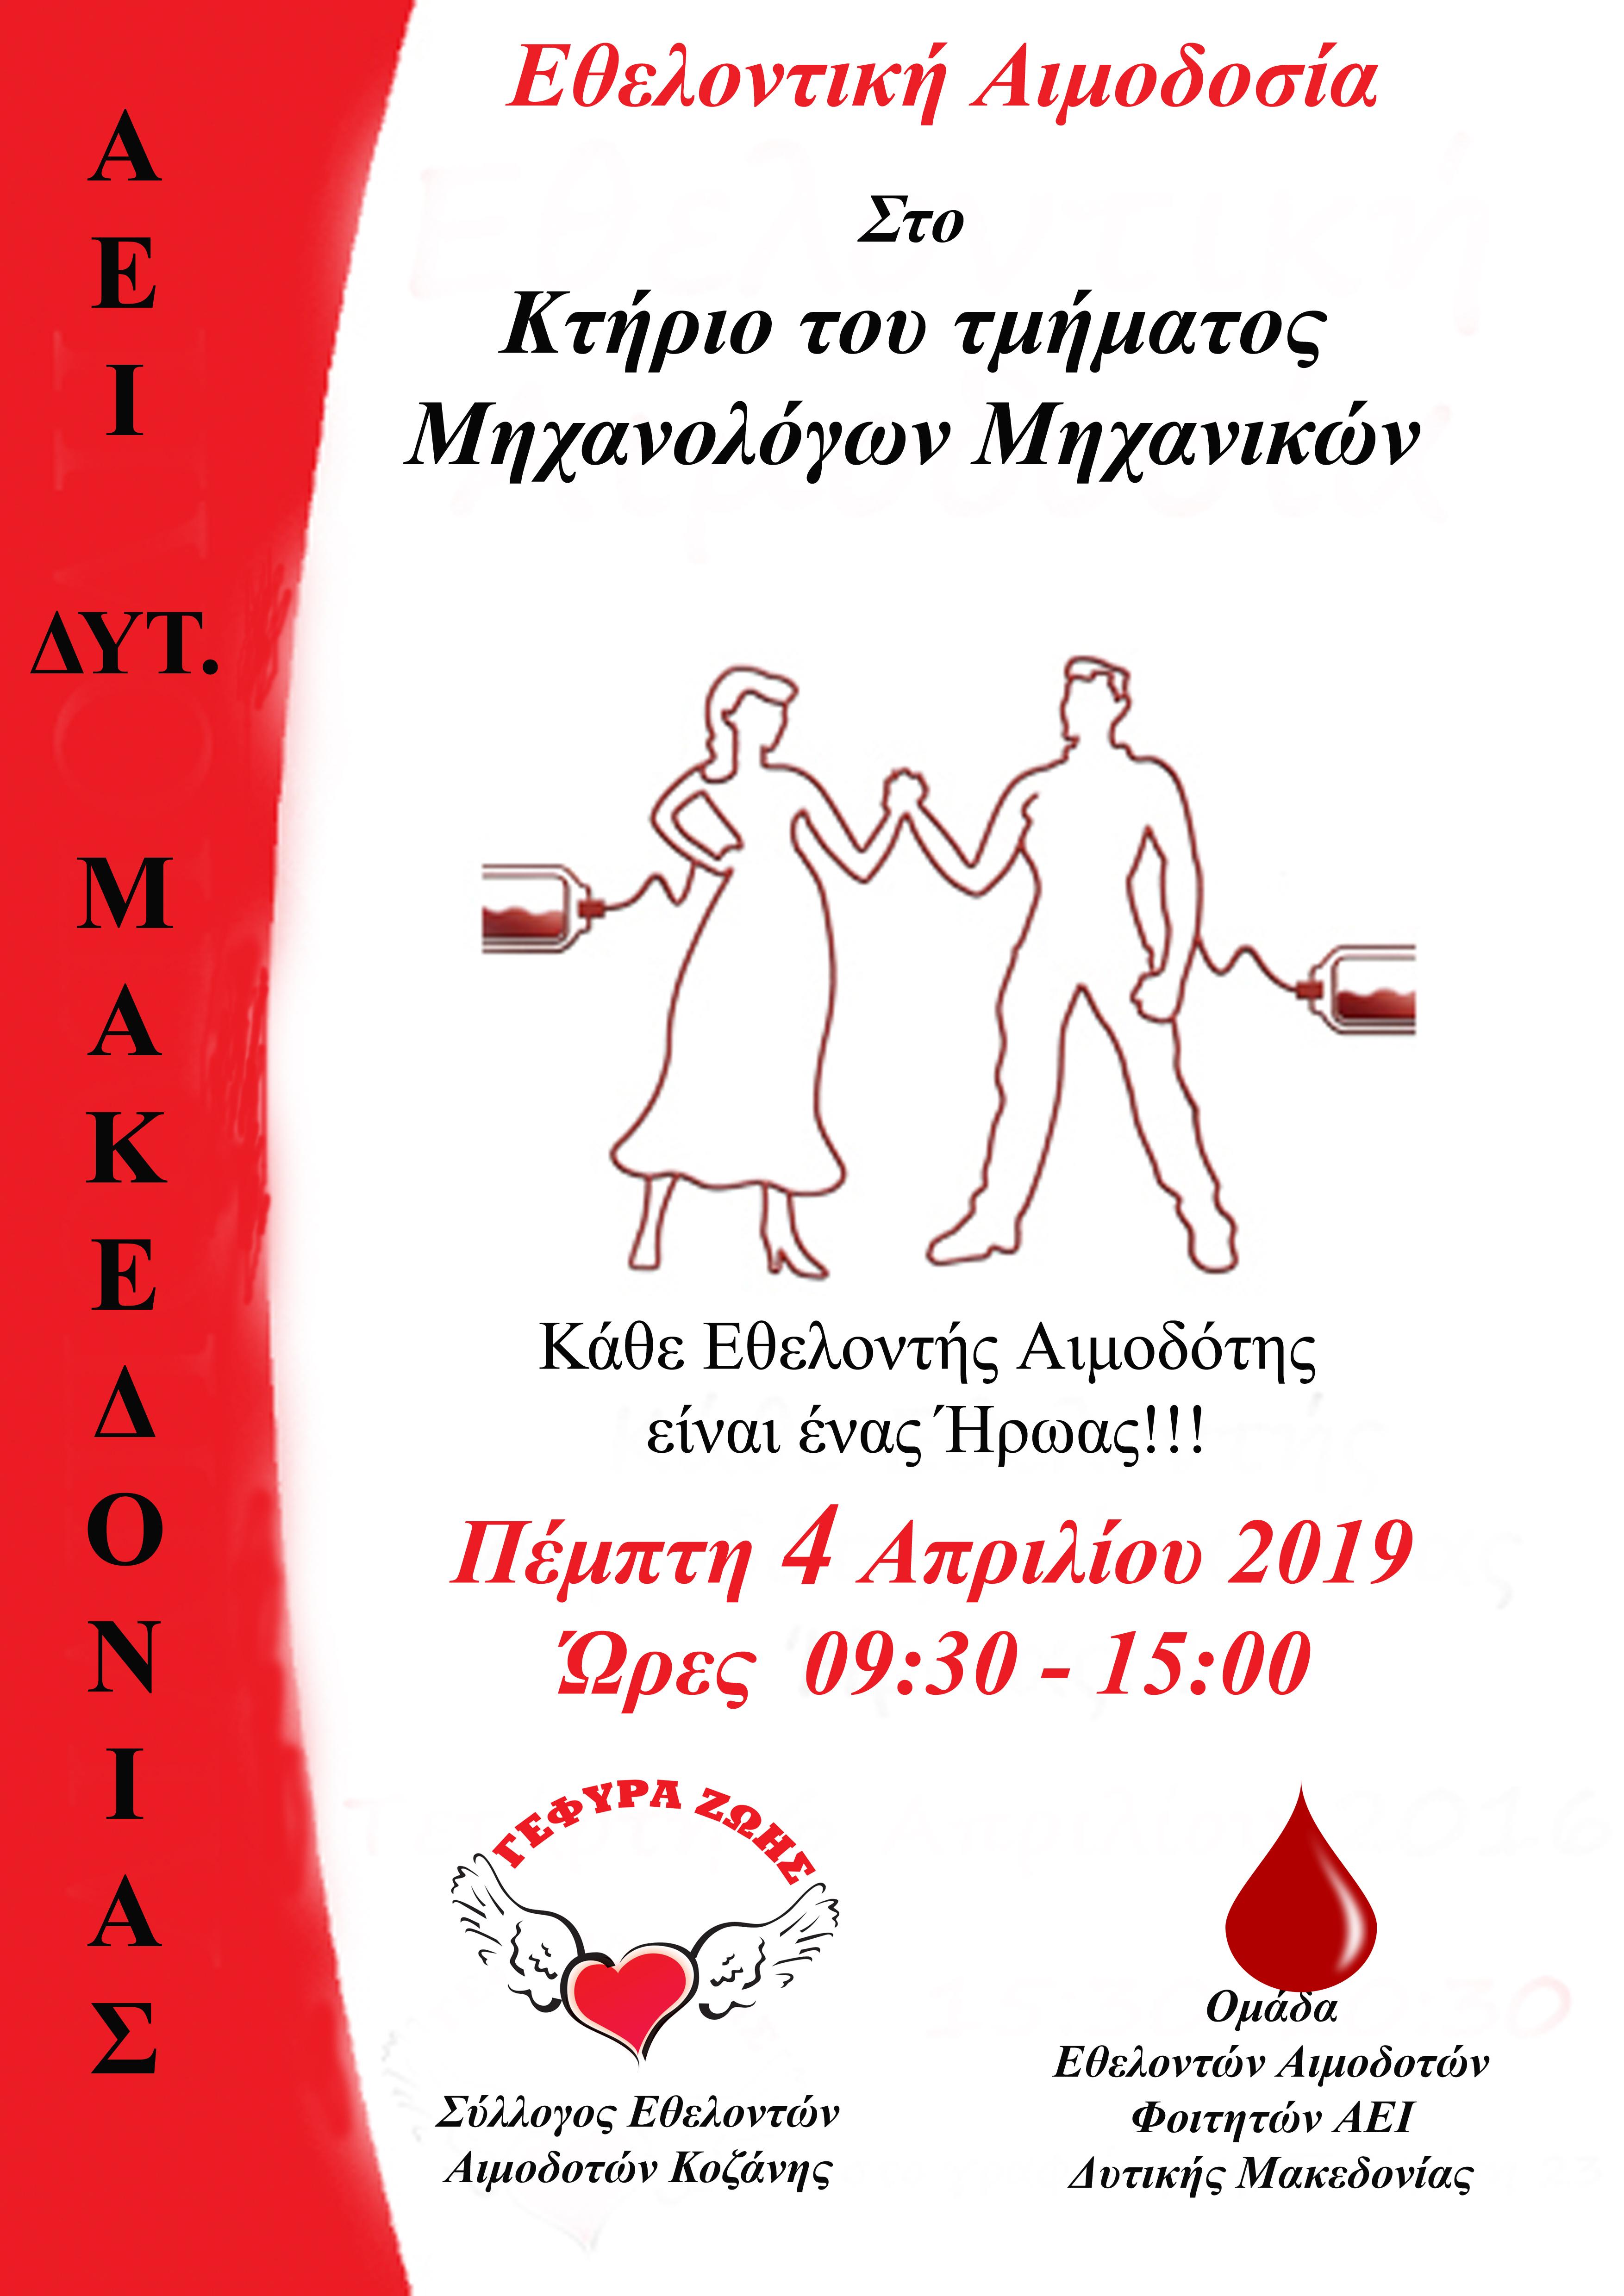 Αιμοδοσία στο Πανεπιστήμιο Δυτικής Μακεδονίας